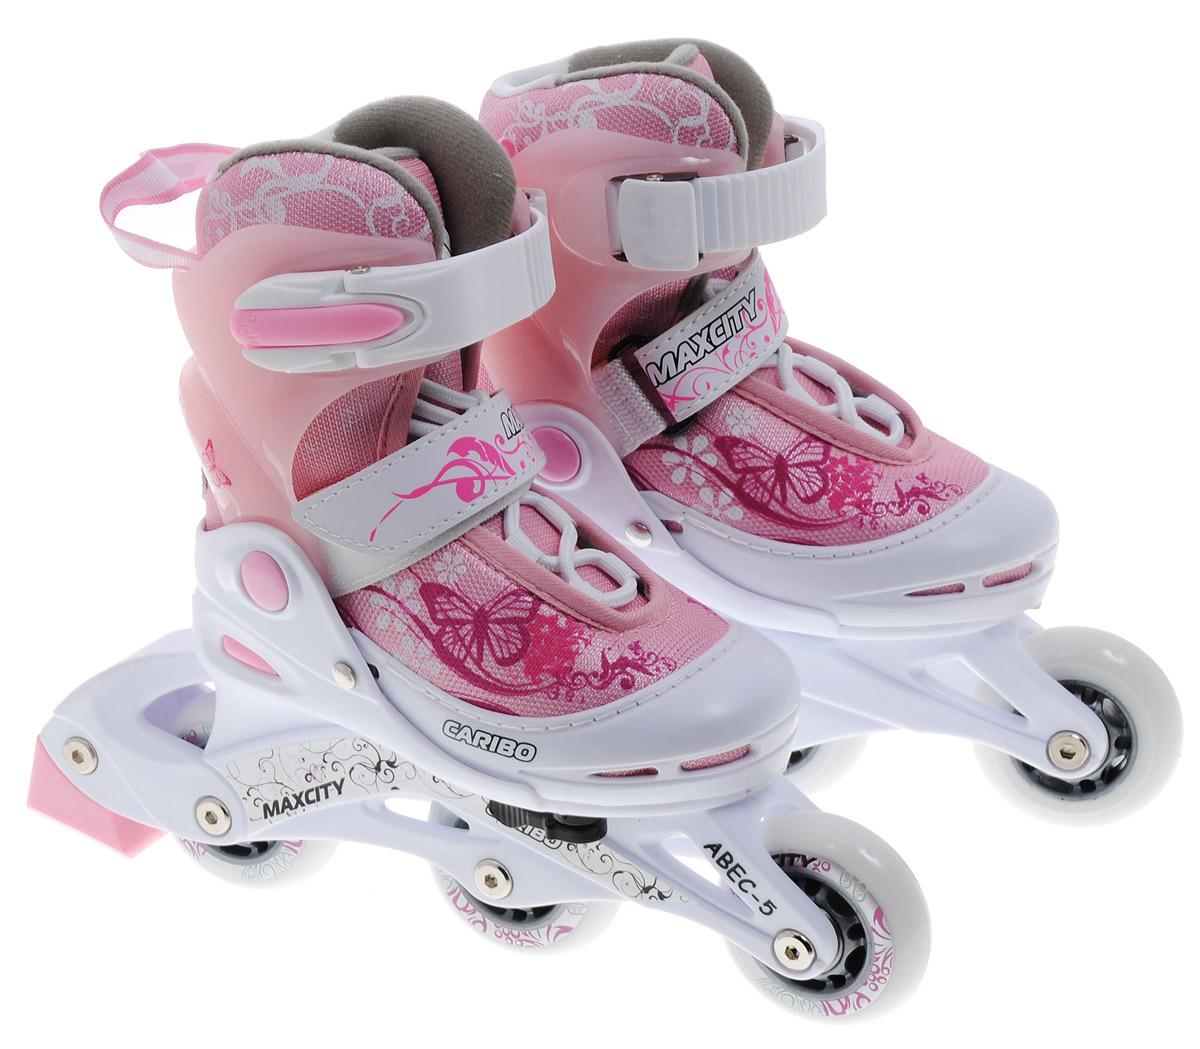 Комплект MaxCity Caribo Combo Girl: коньки роликовые раздвижные, защита, шлем, цвет: розовый, белый. Размер 26/29